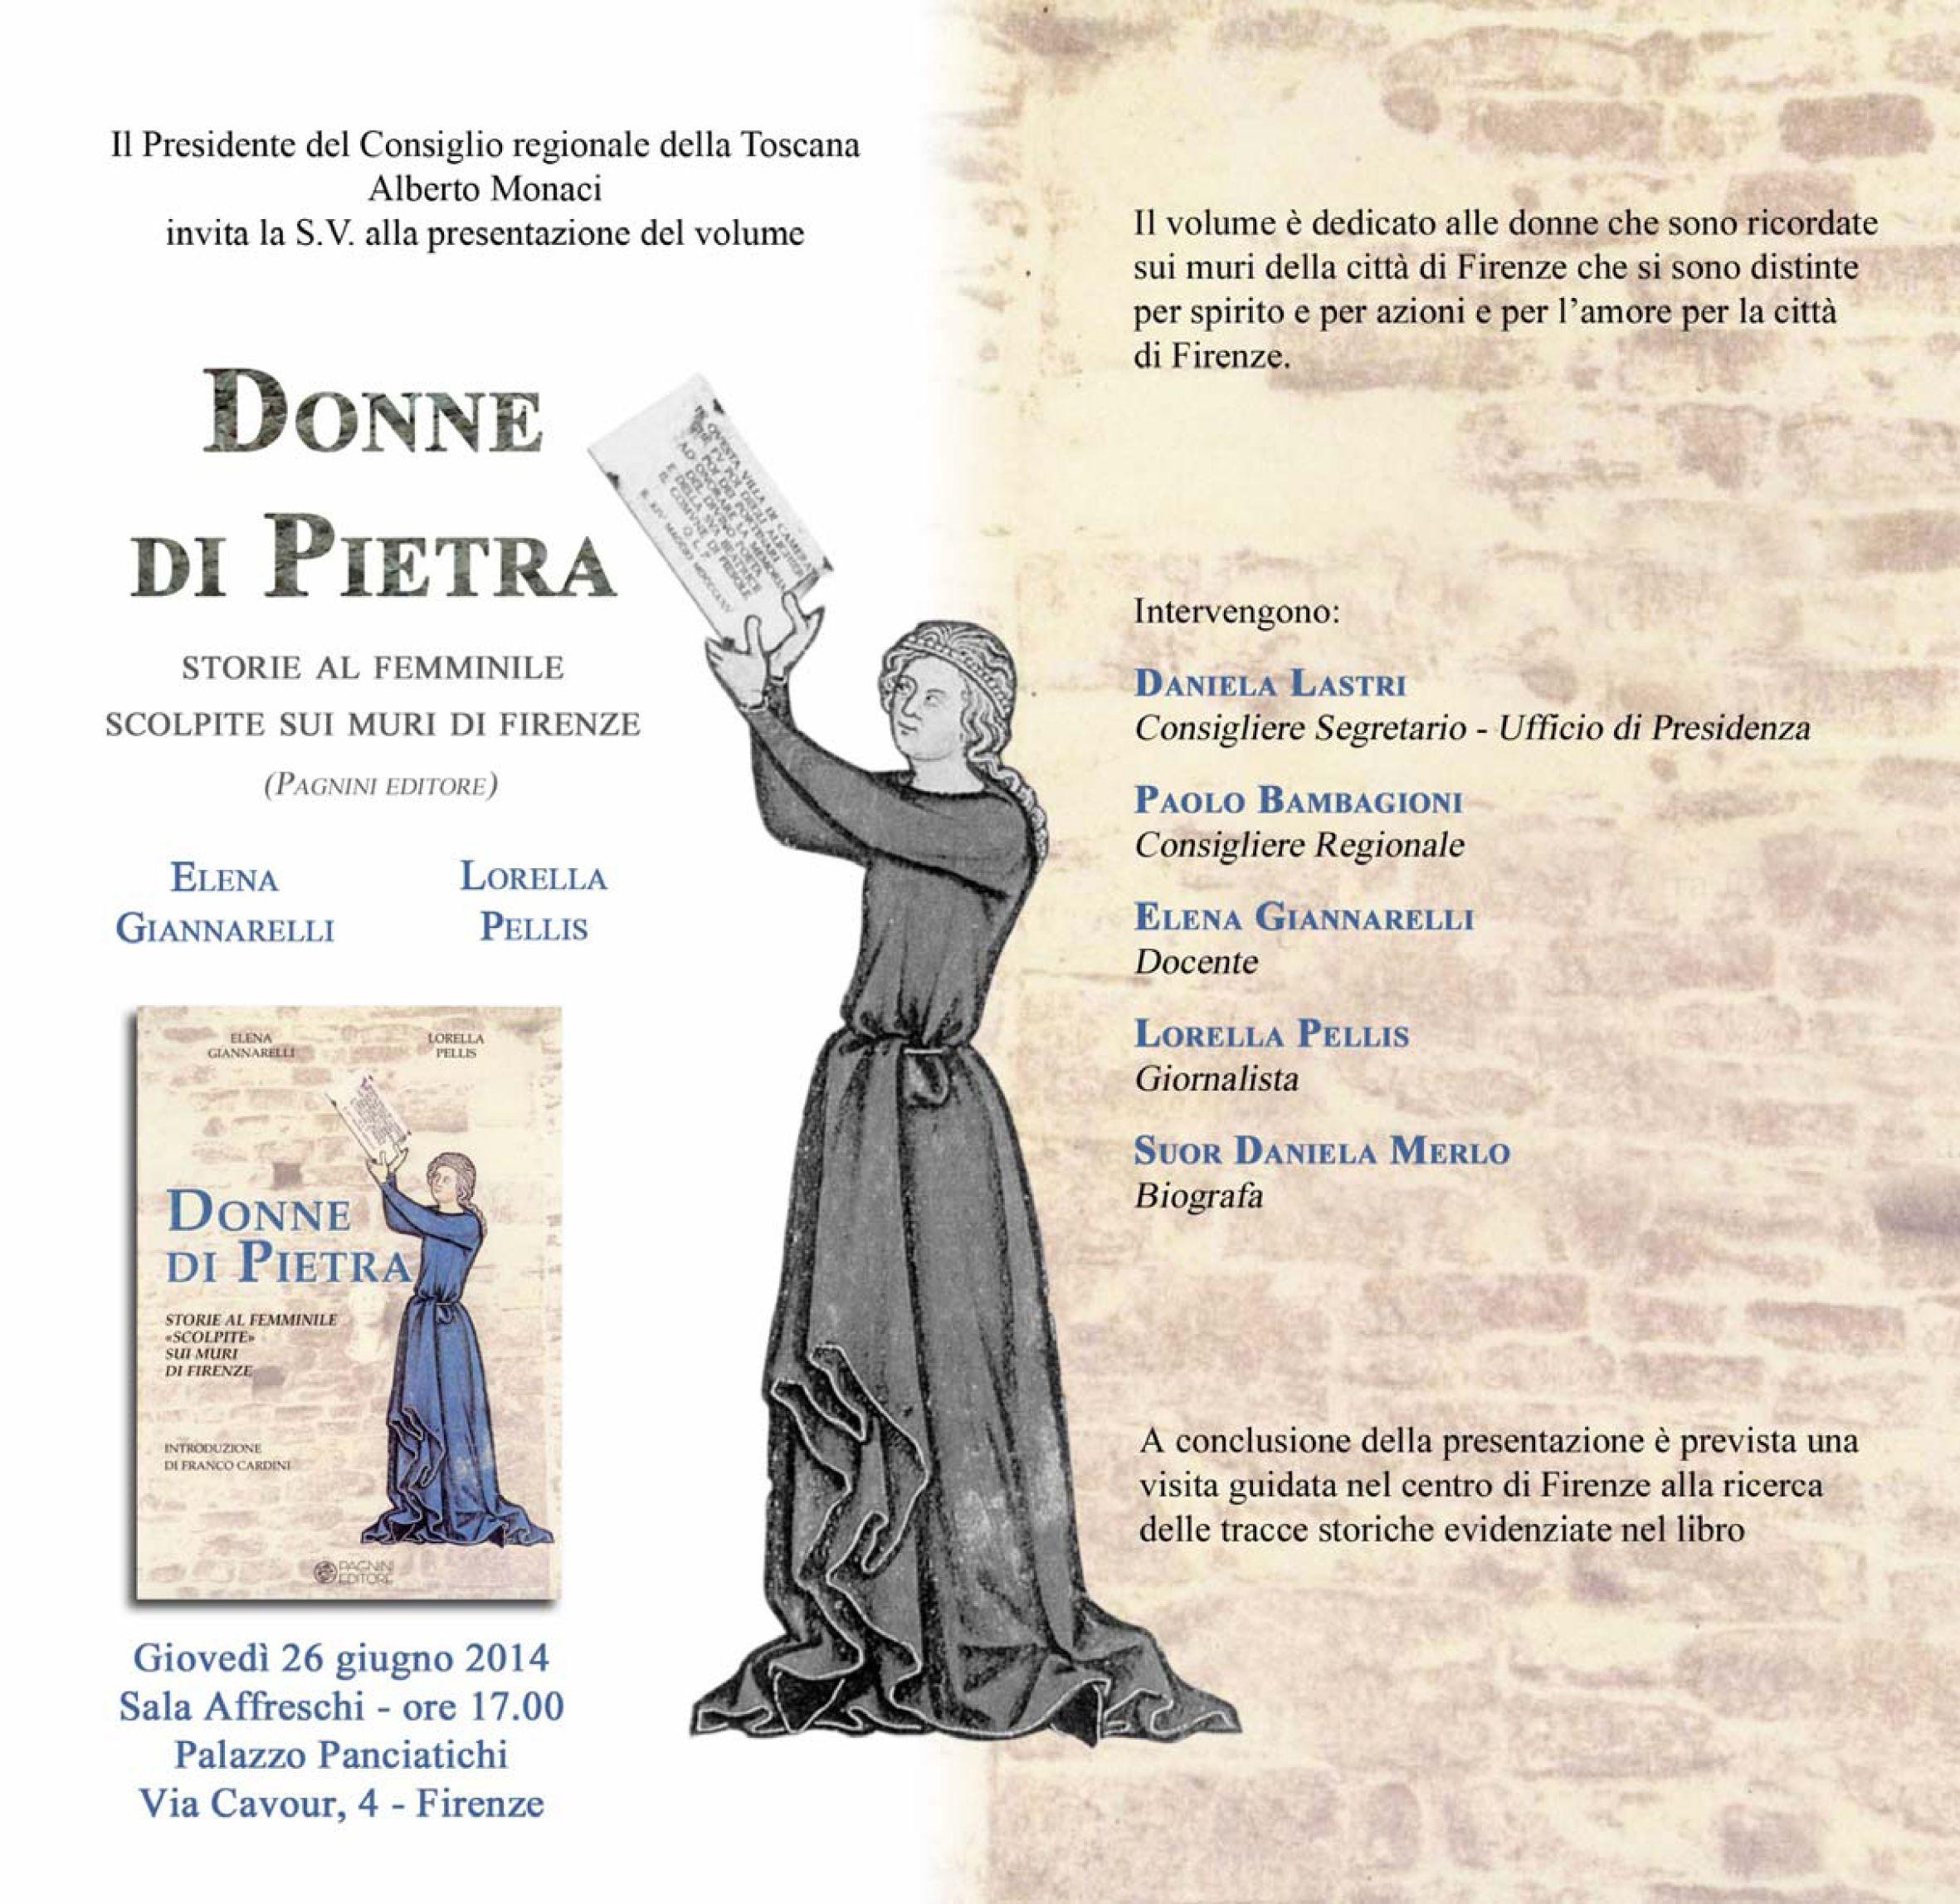 Presentazione del libro DONNE DI PIETRA, di Pellis-Giannarelli con presentazione di Franco Cardini, Pagnini editore, Firenze 055 6800074 sara_pagnini@libero.it